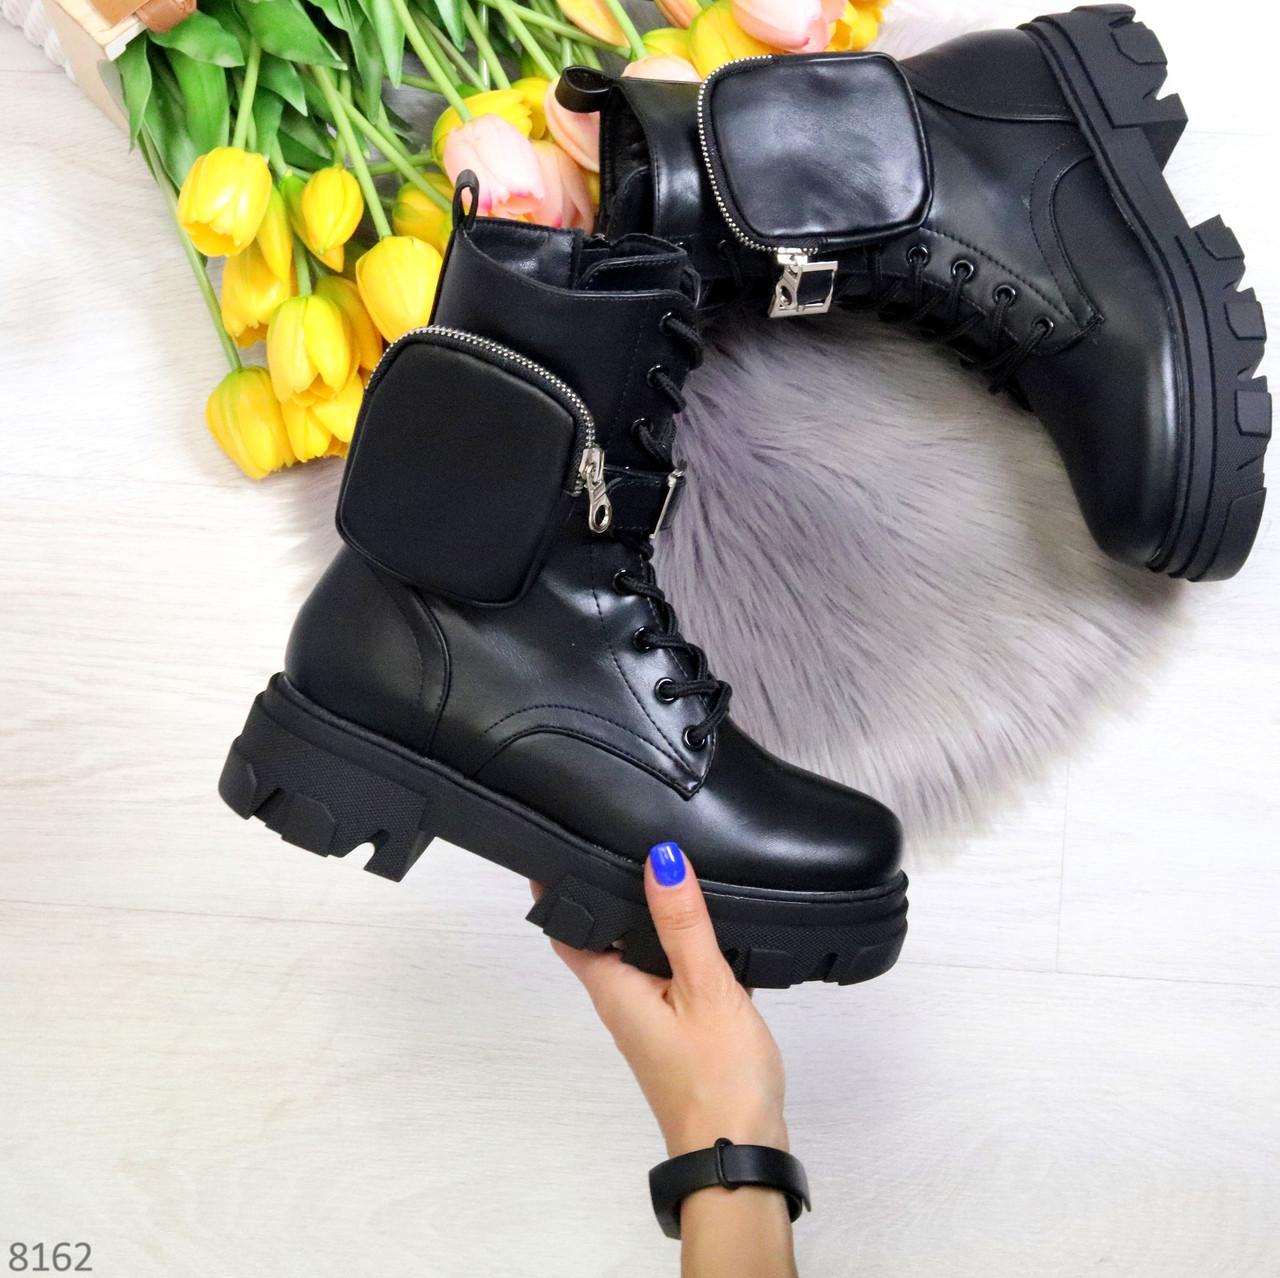 Дизайнерские черные женские ботинки с съемными кошельками сумочками 36-23,5 / 41-26,5см